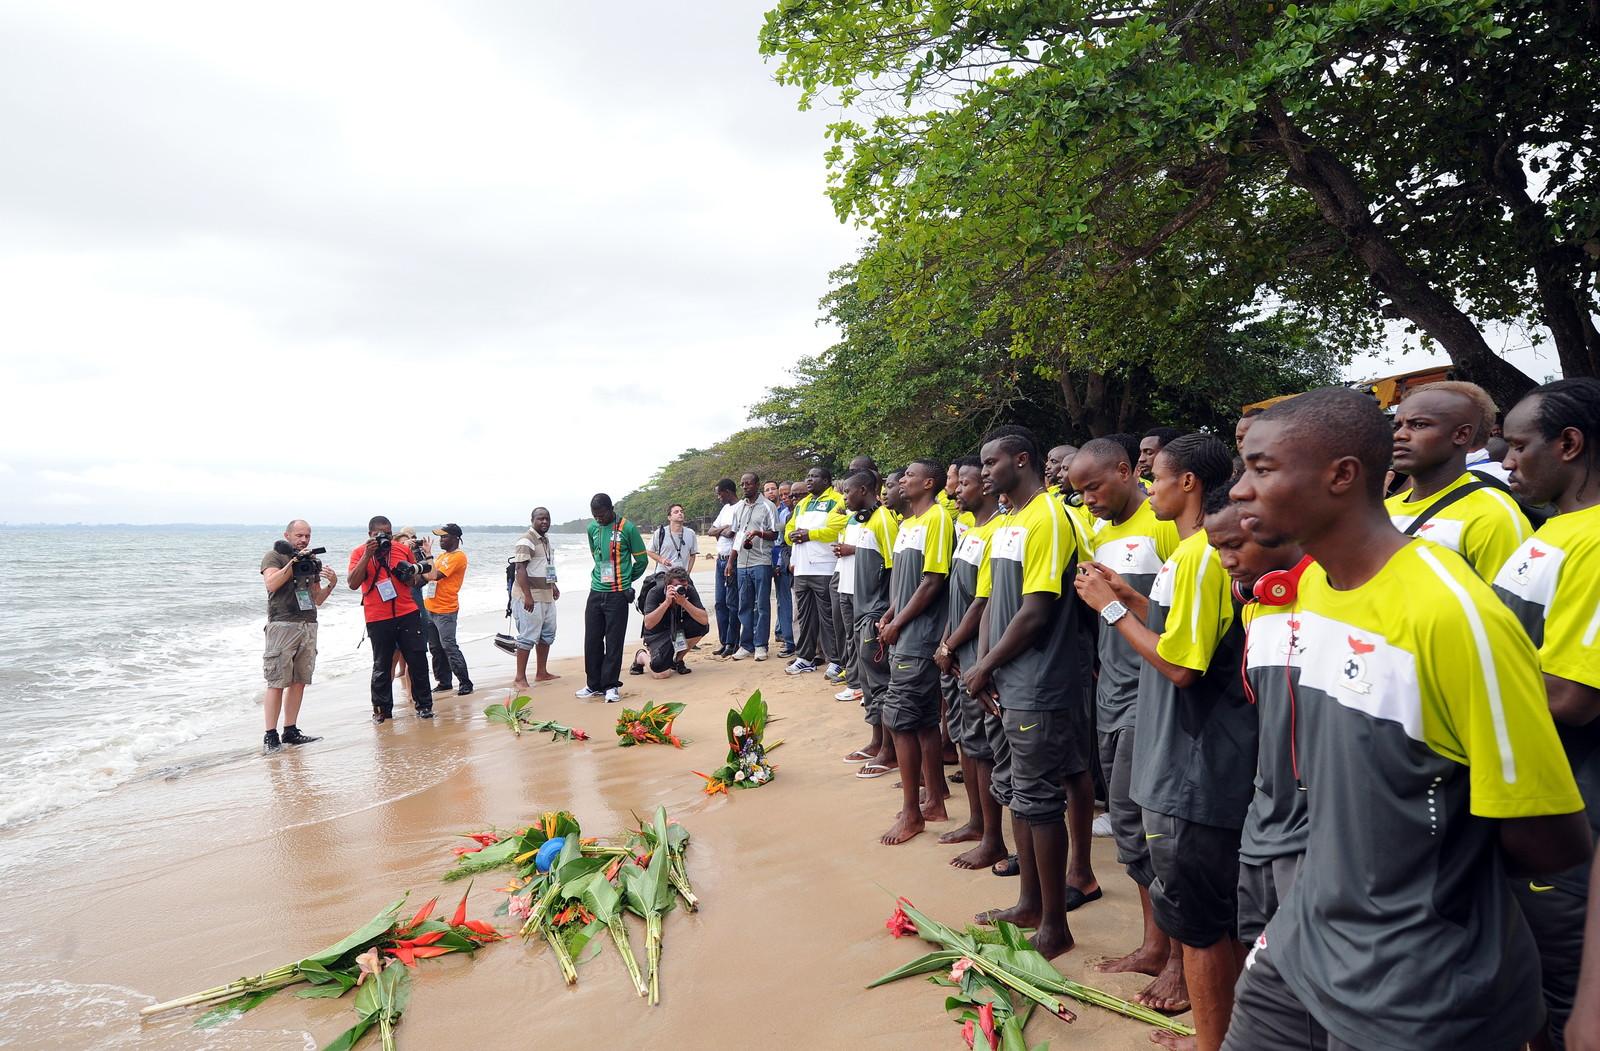 27 aprile 1993: trenta vittime nello schianto aereo della squadra della nazionale di calcio dello Zambia